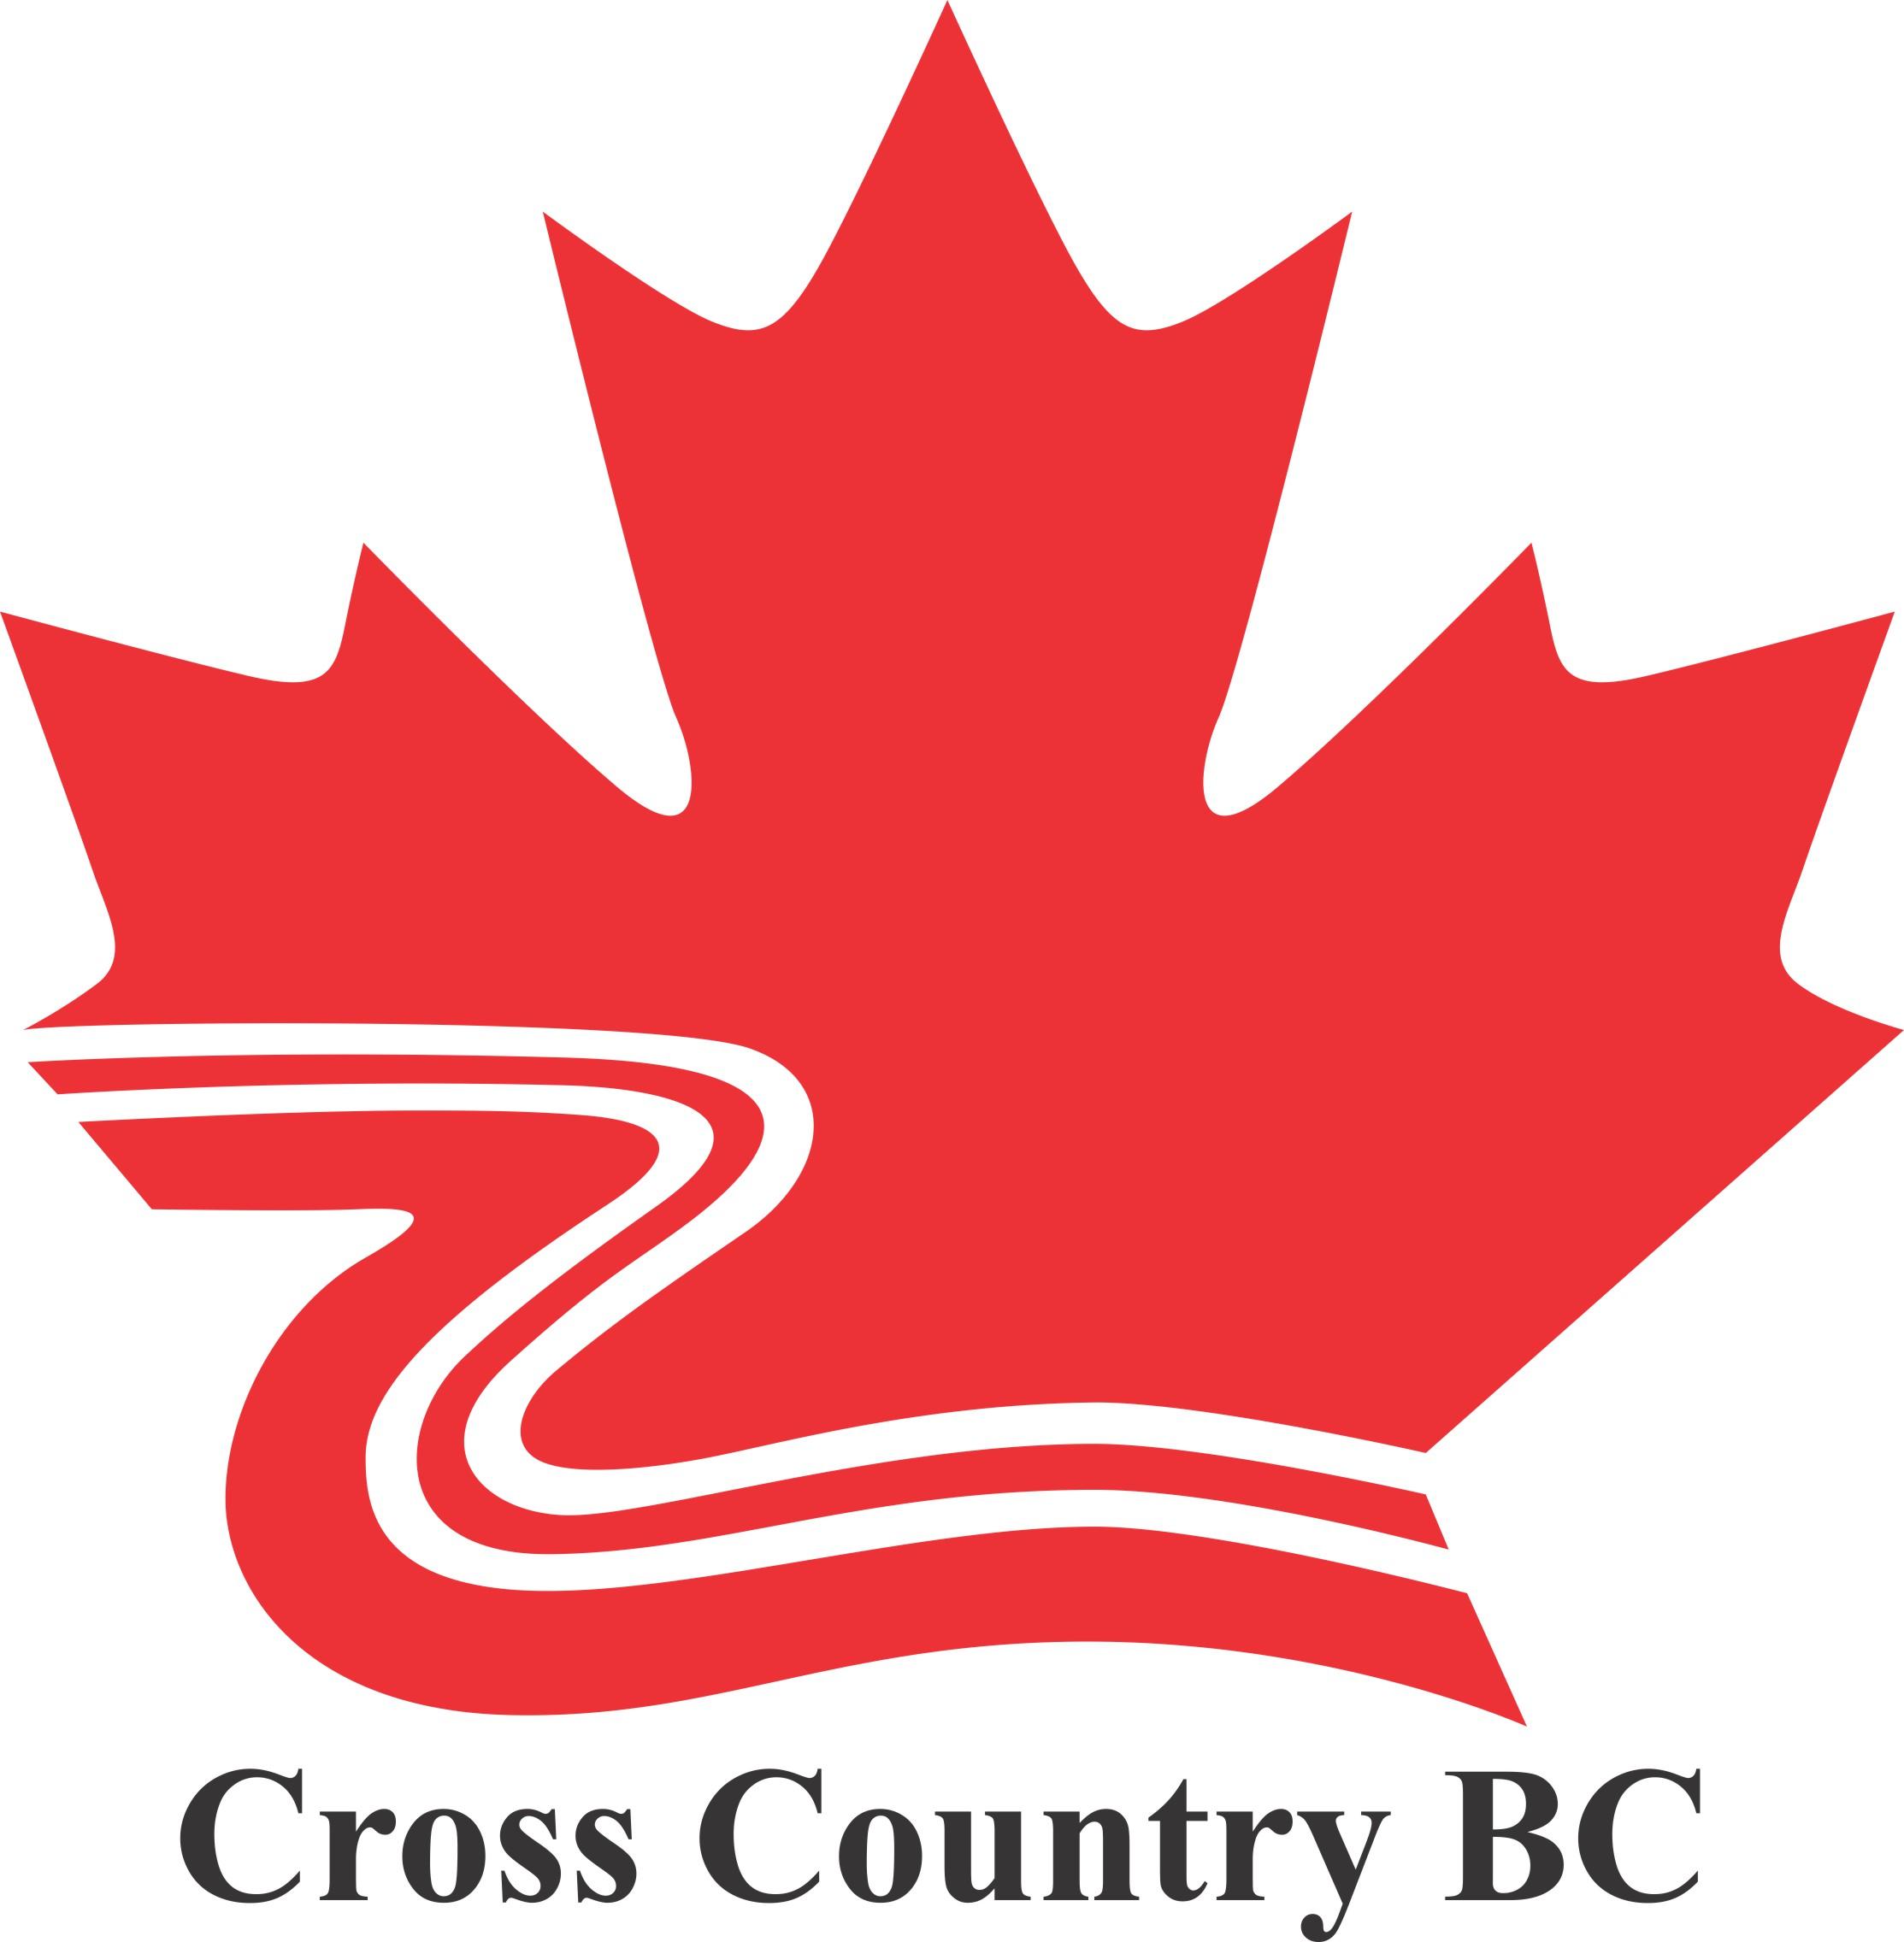 CCBC original logo ver8.jpg